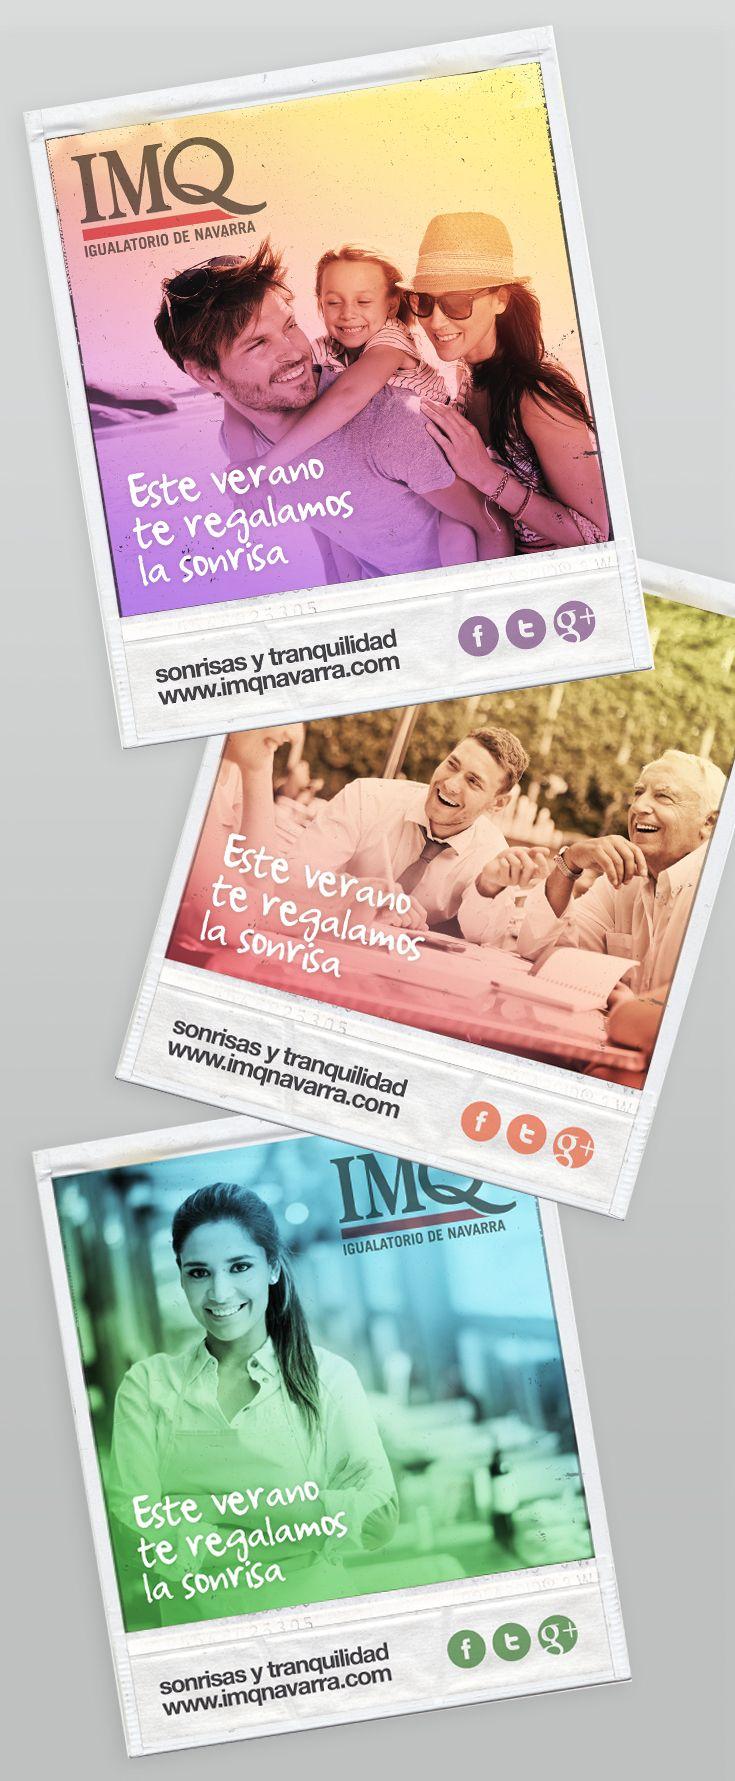 Campaña de verano en Redes Sociales y Web para IMQ Navarra